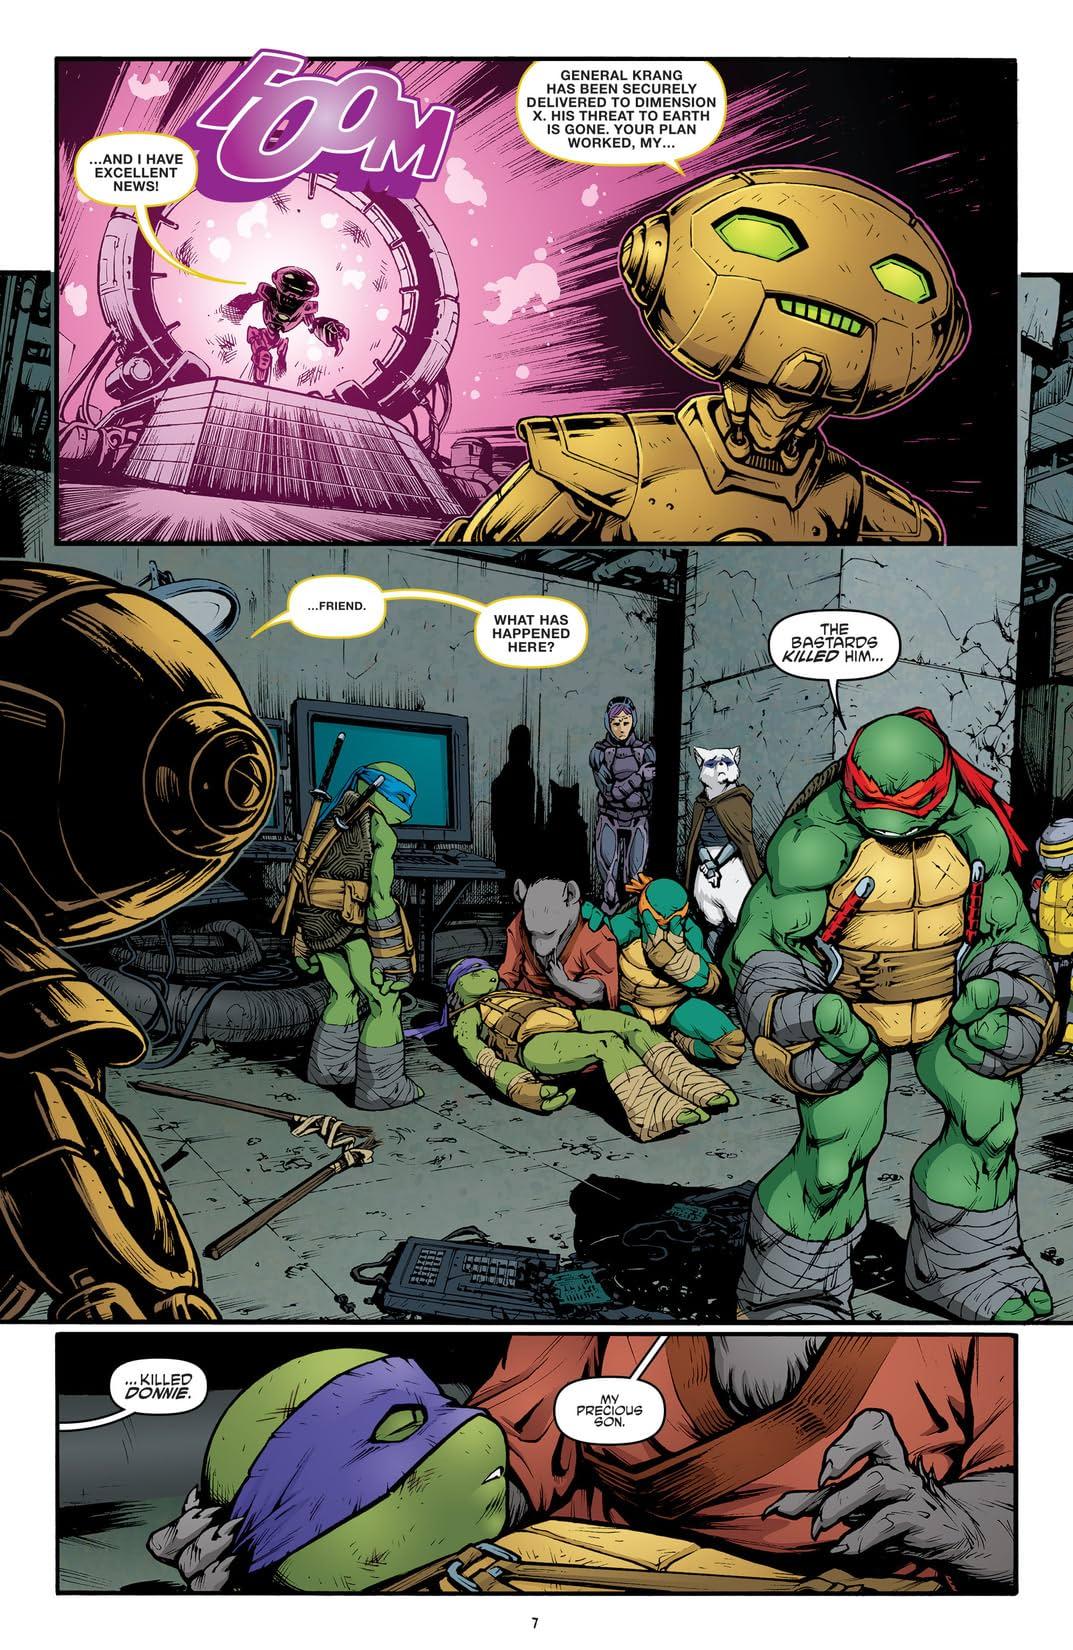 Teenage Mutant Ninja Turtles Vol. 12: Vengeance, Part 1